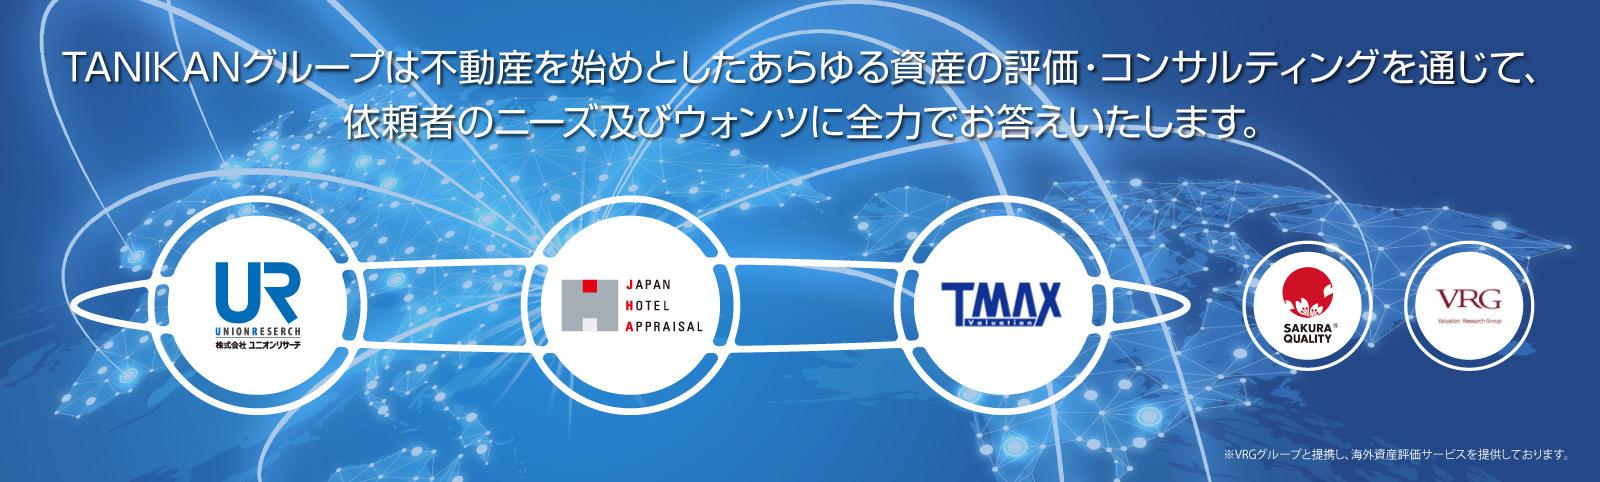 TANIKANグループは不動産を始めとしたあらゆる資産の評価・コンサルティングを通じて、依頼者のニーズ及びウォンツに全力でお答えいたします。